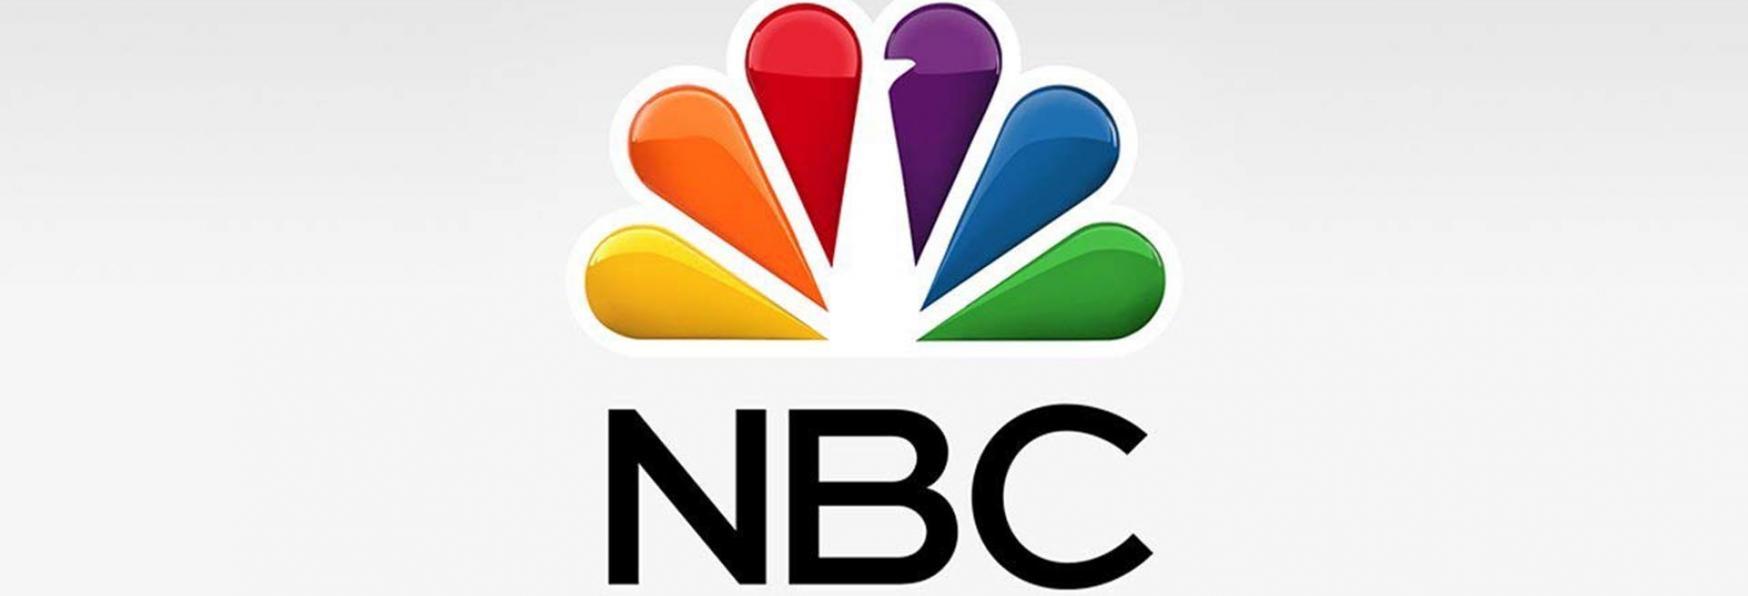 Kate e Allie: NBC ordina Ufficialmente il Pilot della Serie TV Reboot